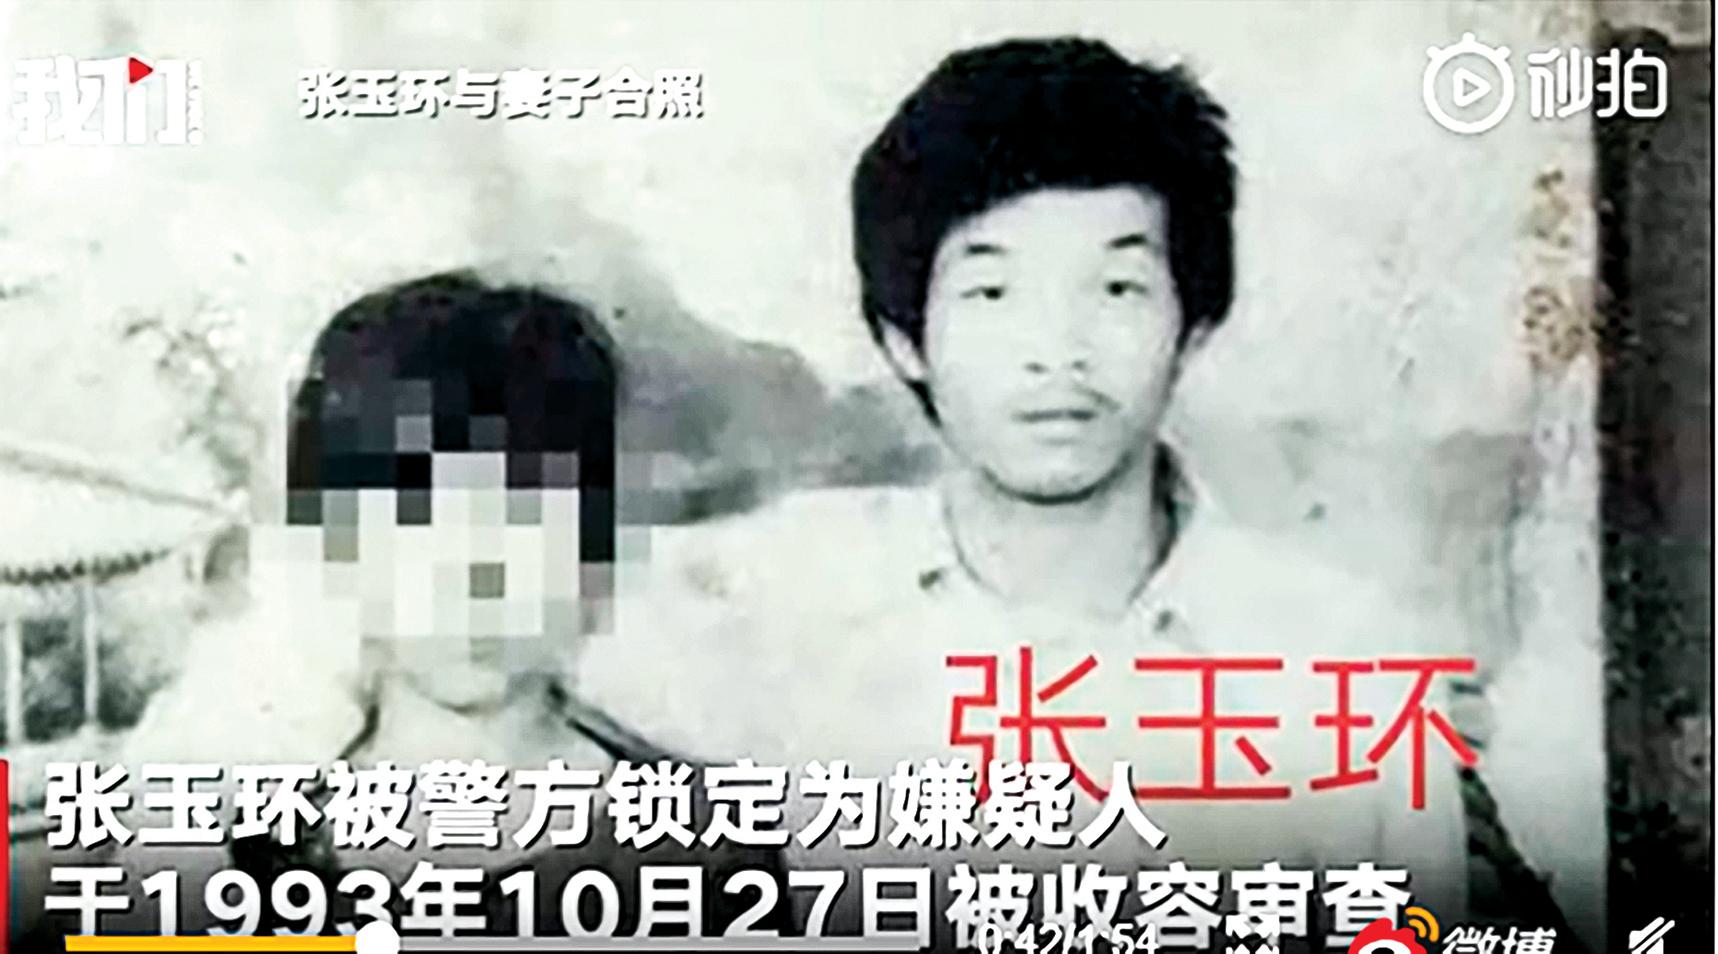 張玉環(右)在被捕前與妻子的合影(網路視頻截圖)